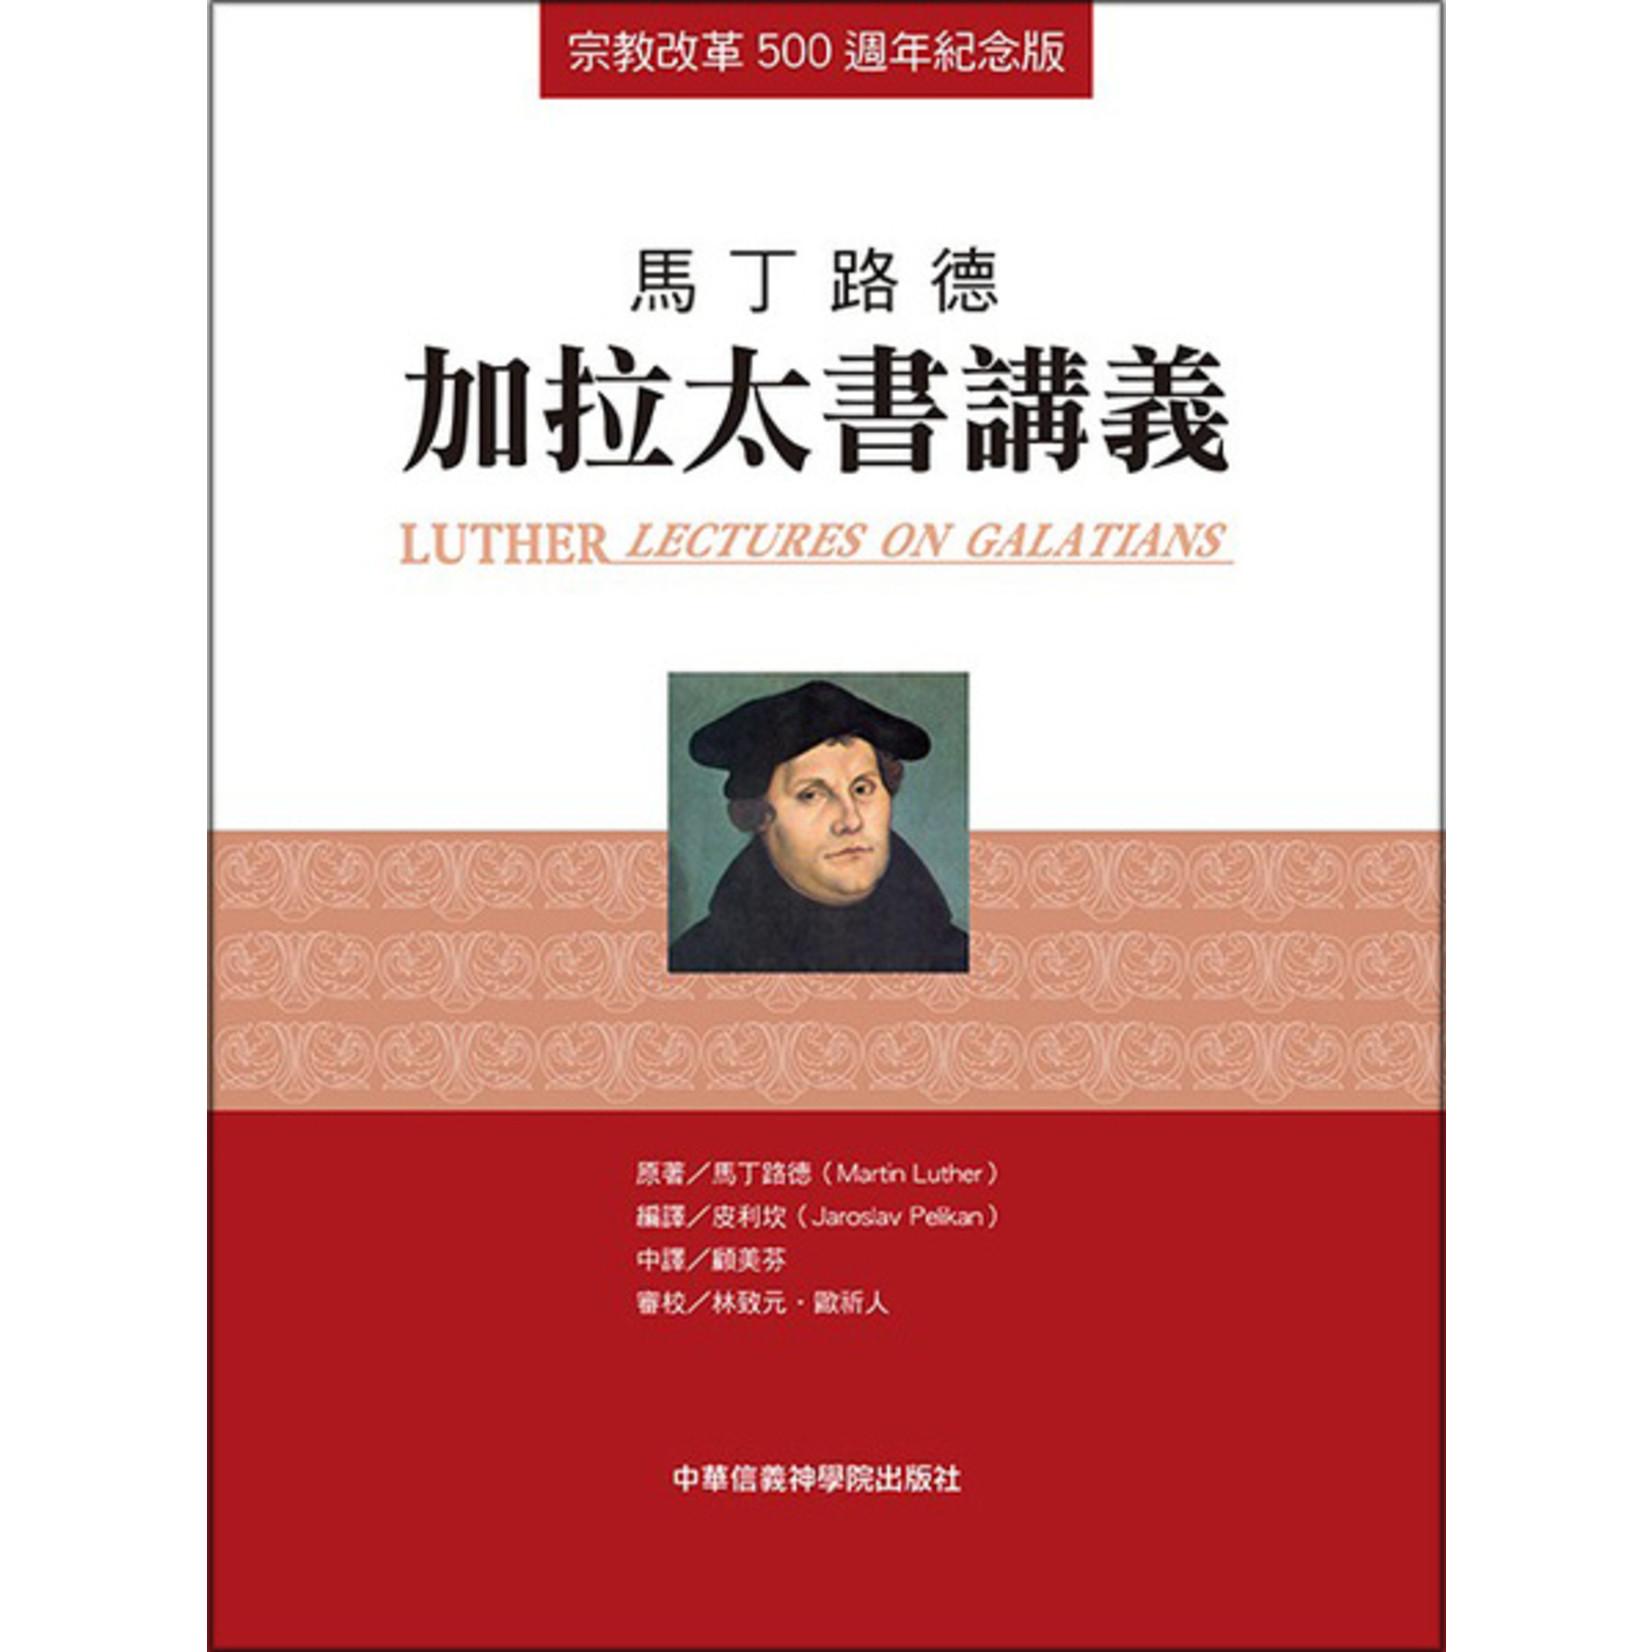 中華信義神學院 China Lutheran Seminary 馬丁路德:加拉太書講義(宗教改革500週年紀念版) Luther: Lectures on Galatians